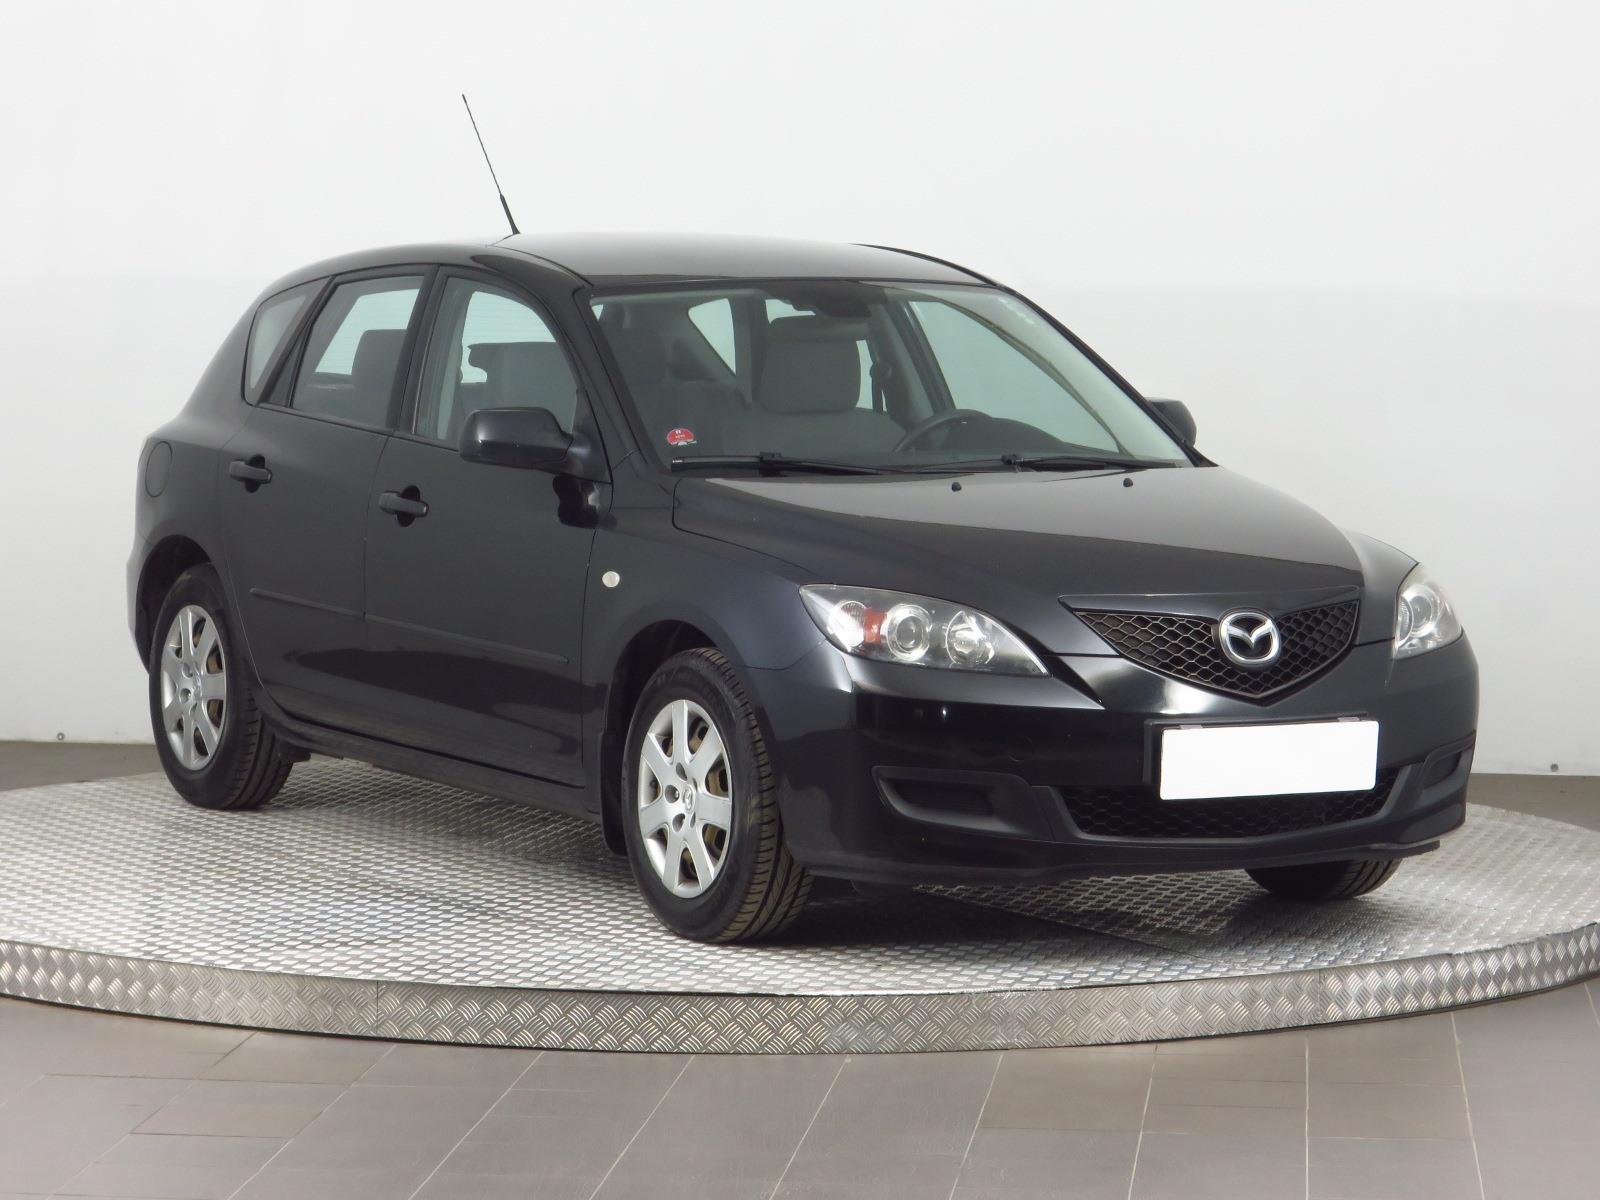 Kelebihan Mazda 326 Top Model Tahun Ini